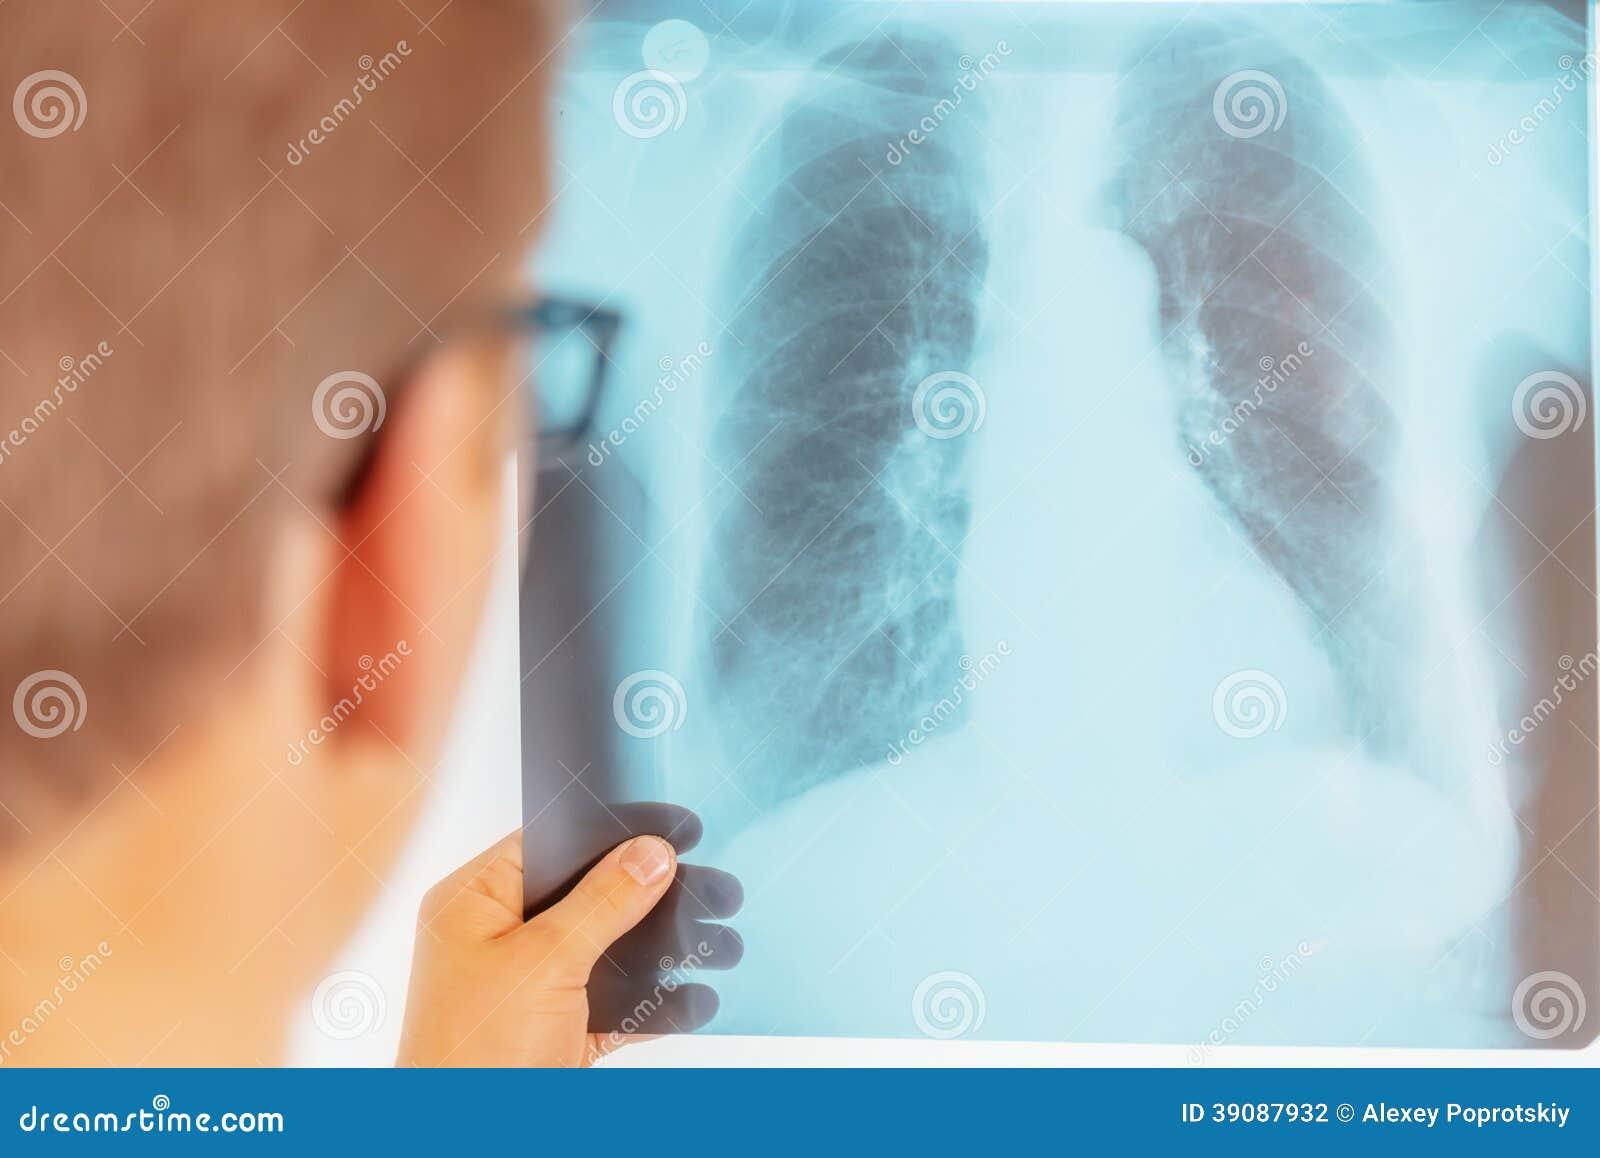 Medico esamina l immagine dei raggi x dei polmoni